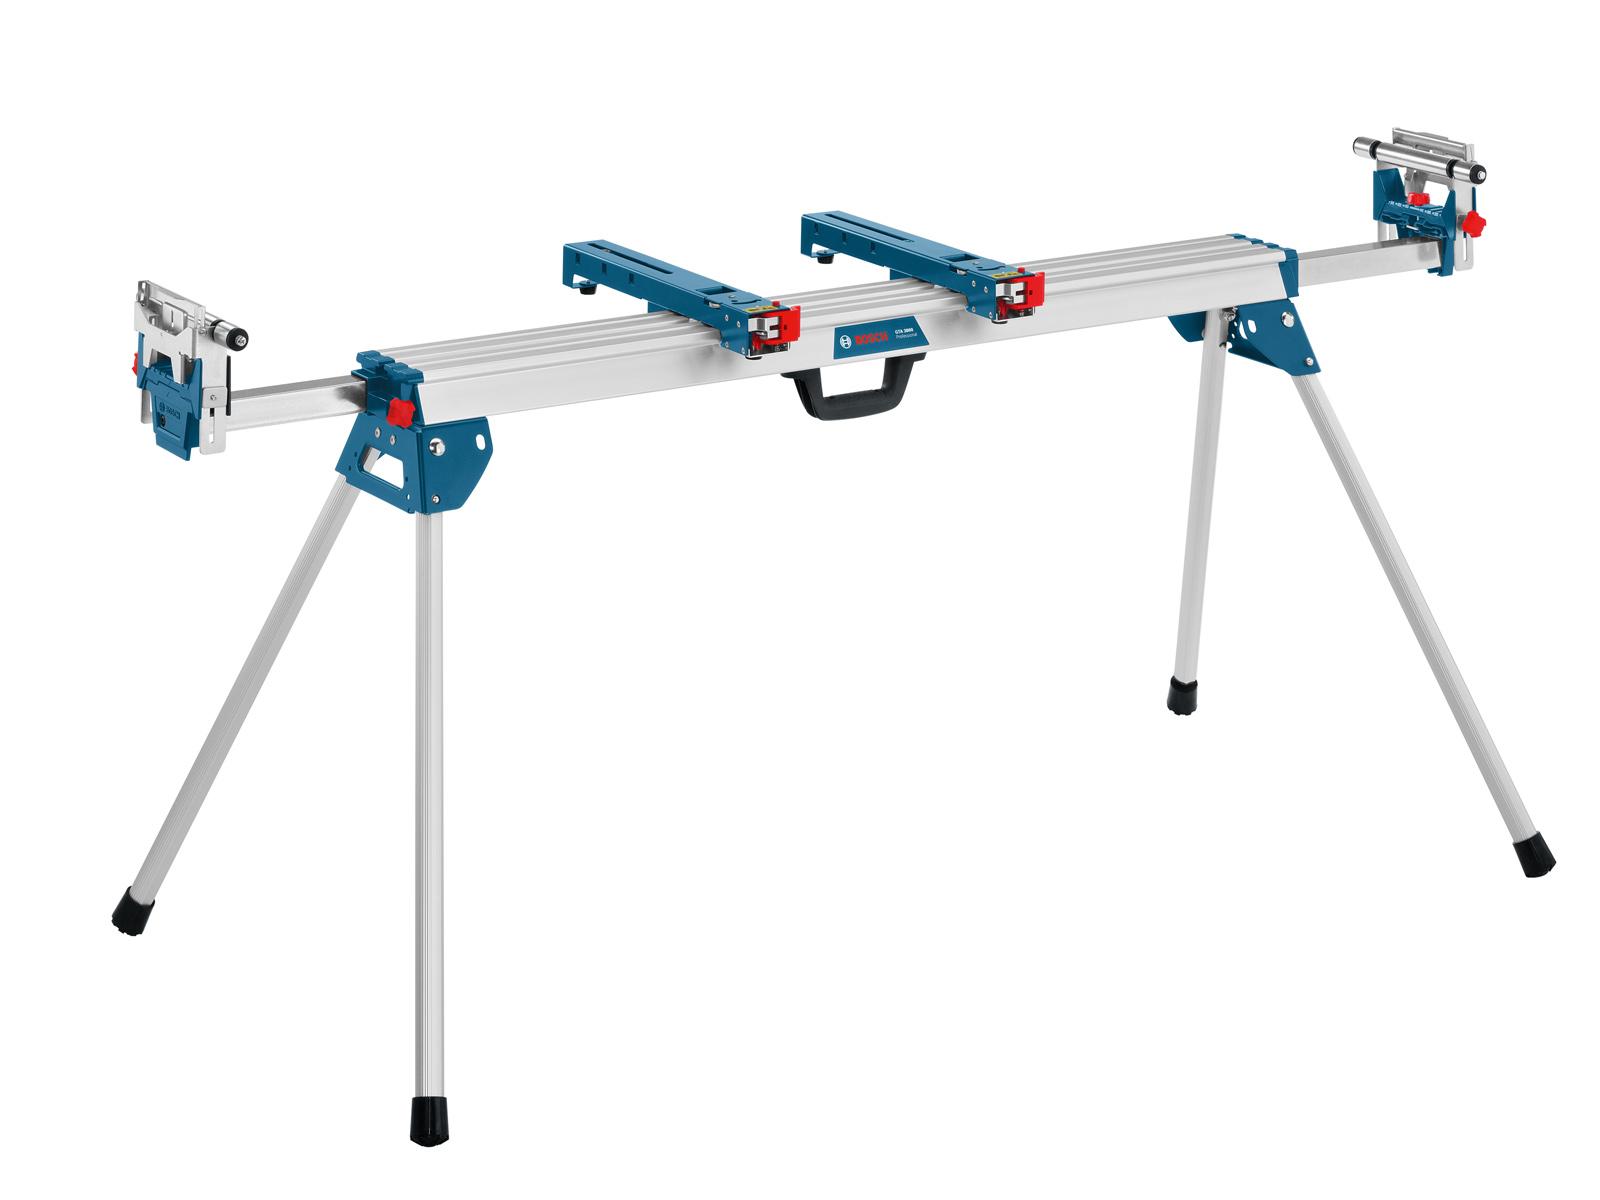 Верстак металлический столярный складной Bosch Gta 3800 (0.601.b24.000)